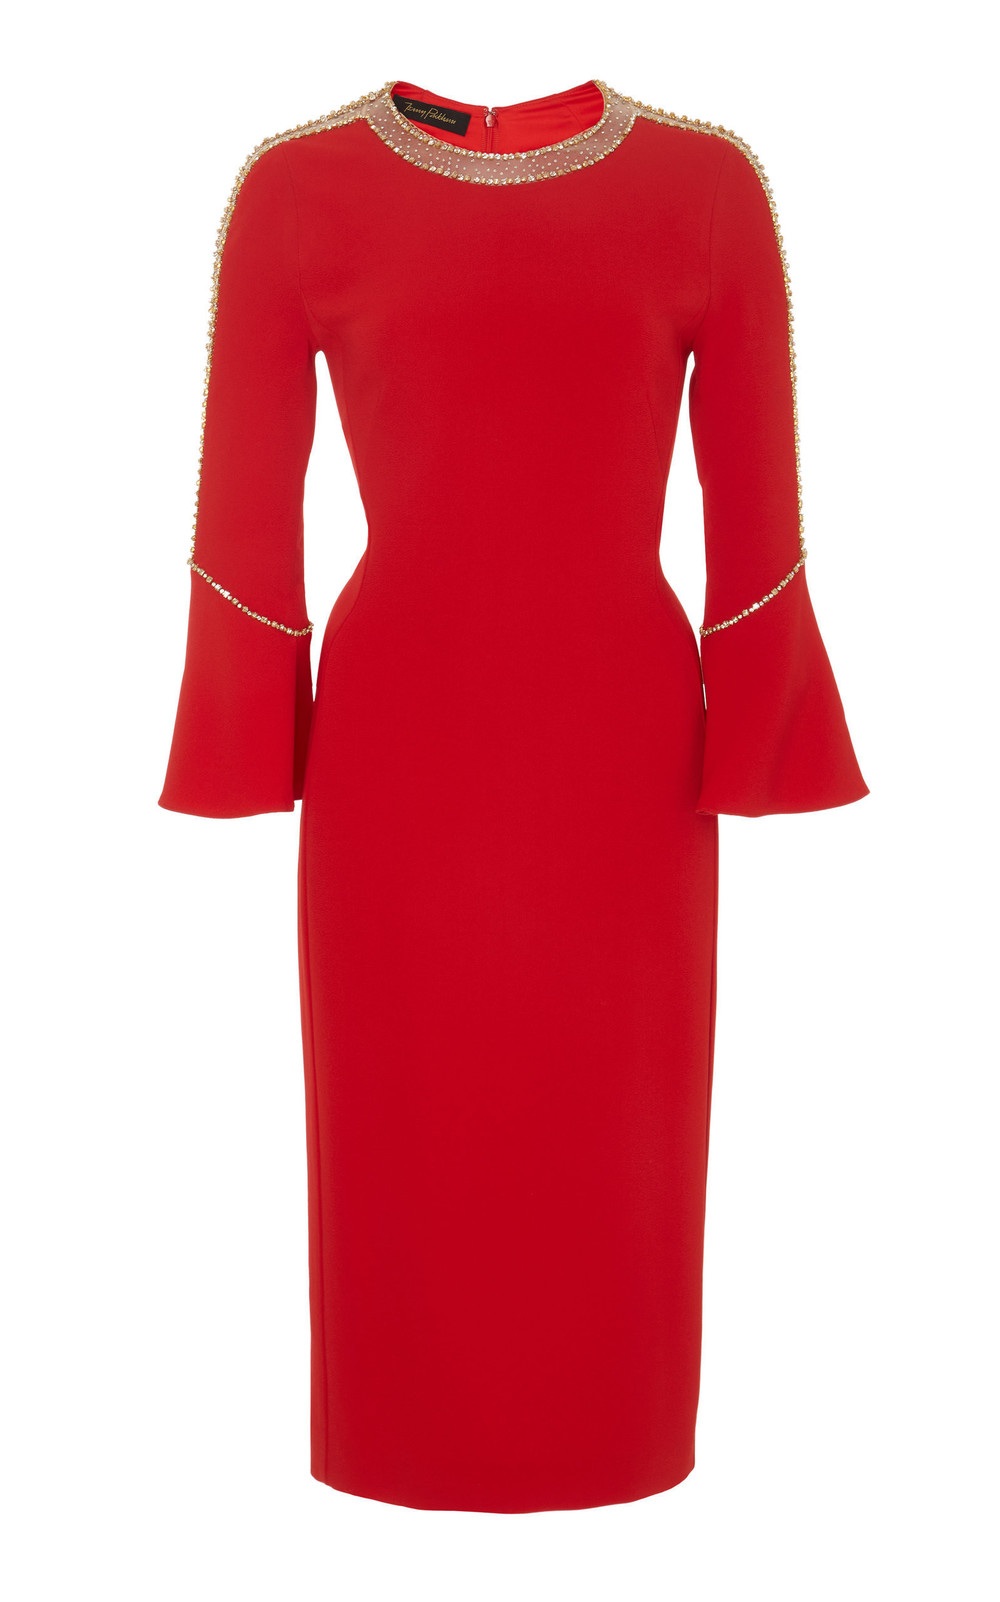 Jenny Packham Debo Embellished Knee Length Crepe Dress in red